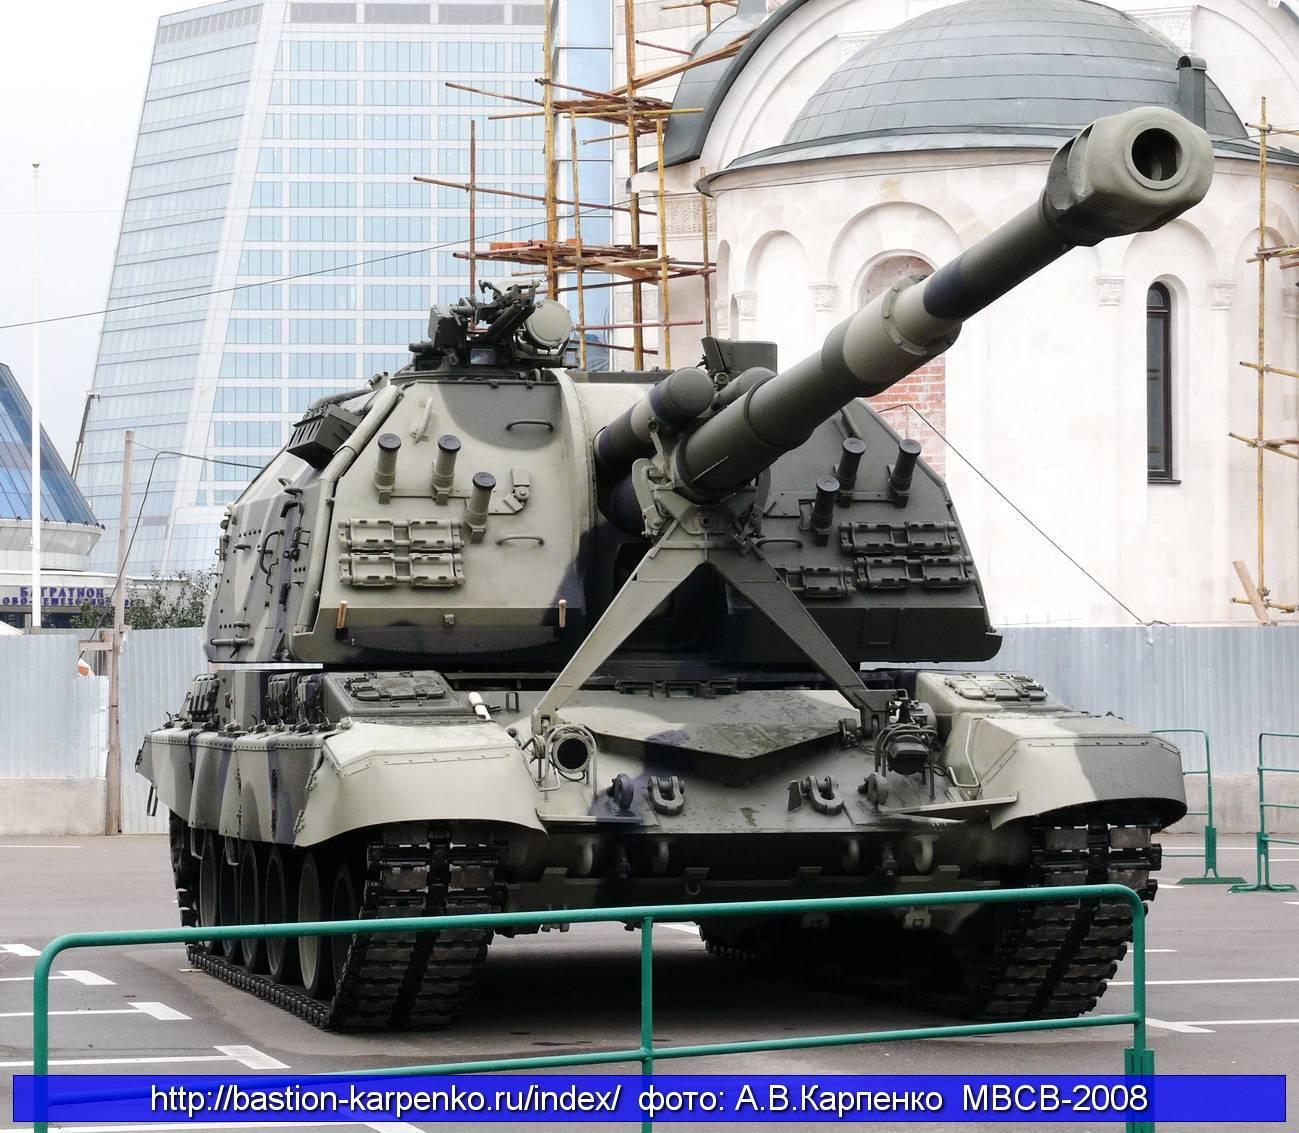 Модернизированная сау «мста-м. непобедимая и неуловимая сау «мста-с применение в бою